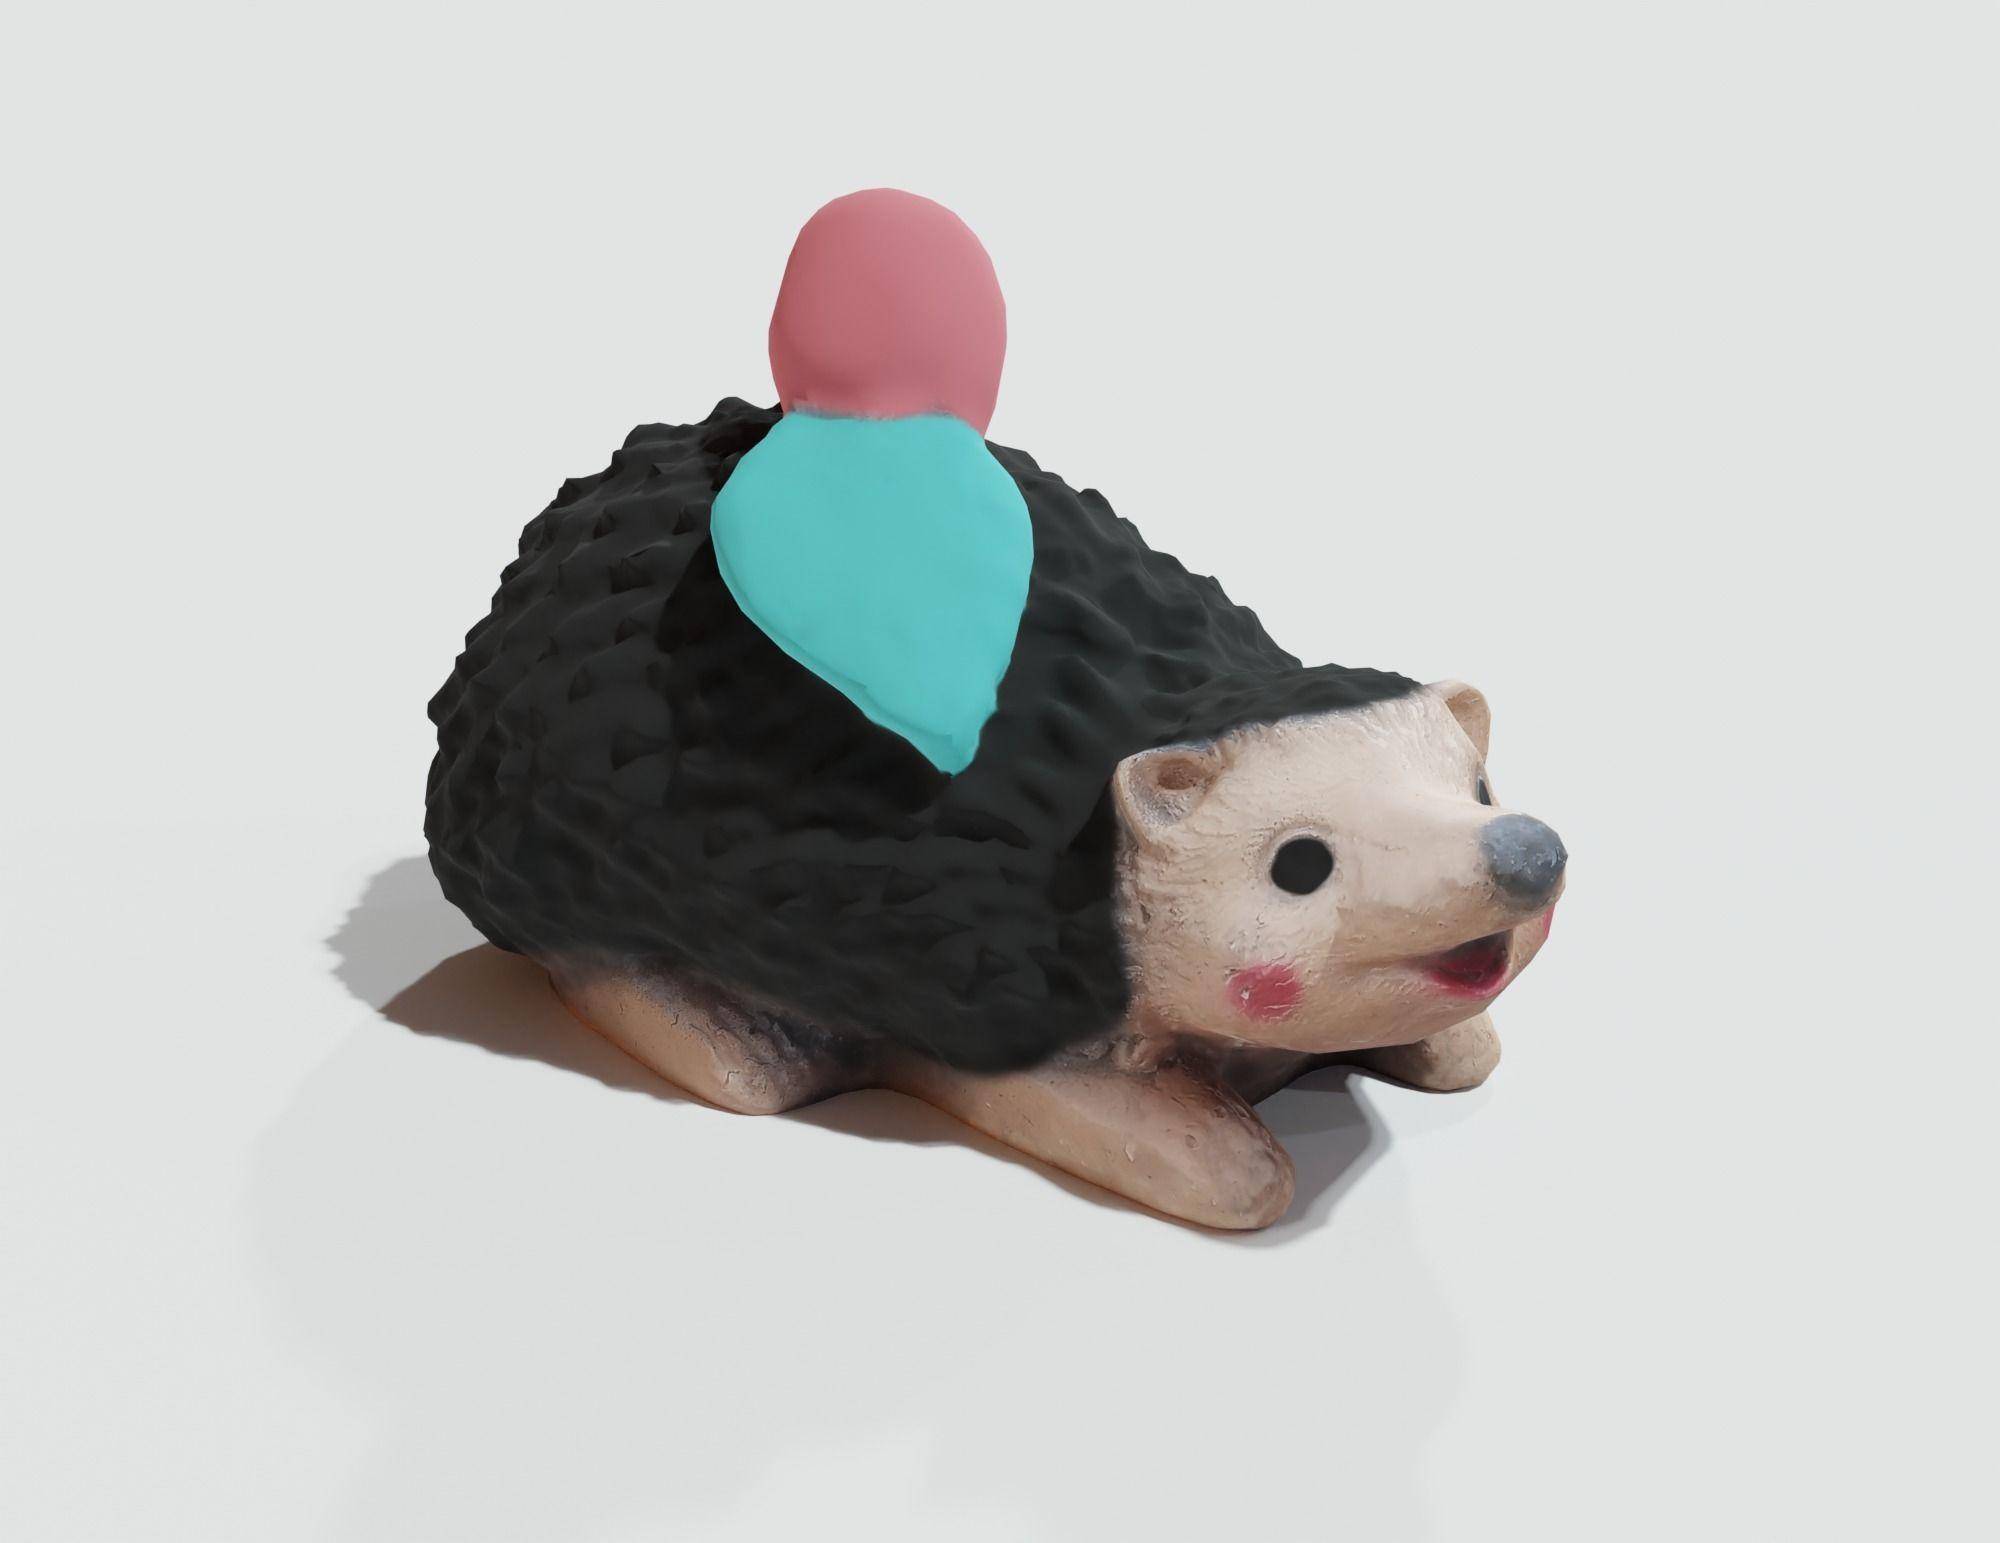 Garden Hedgehog statue